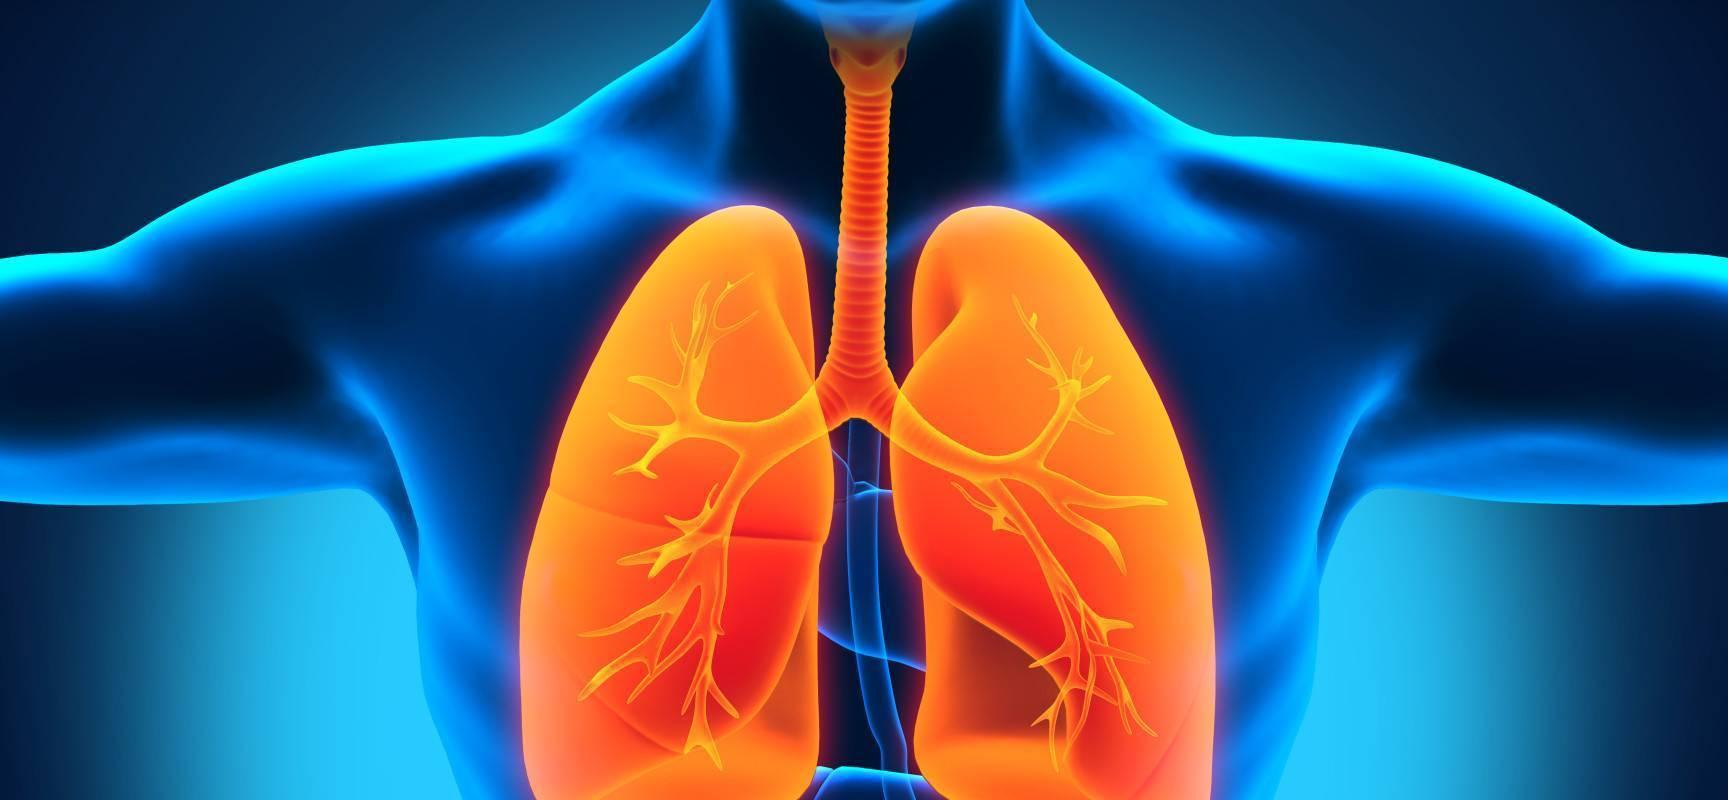 Туберкулез легких у взрослых: первые признаки, симптомы, лечение, причины появления. как лечить туберкулез